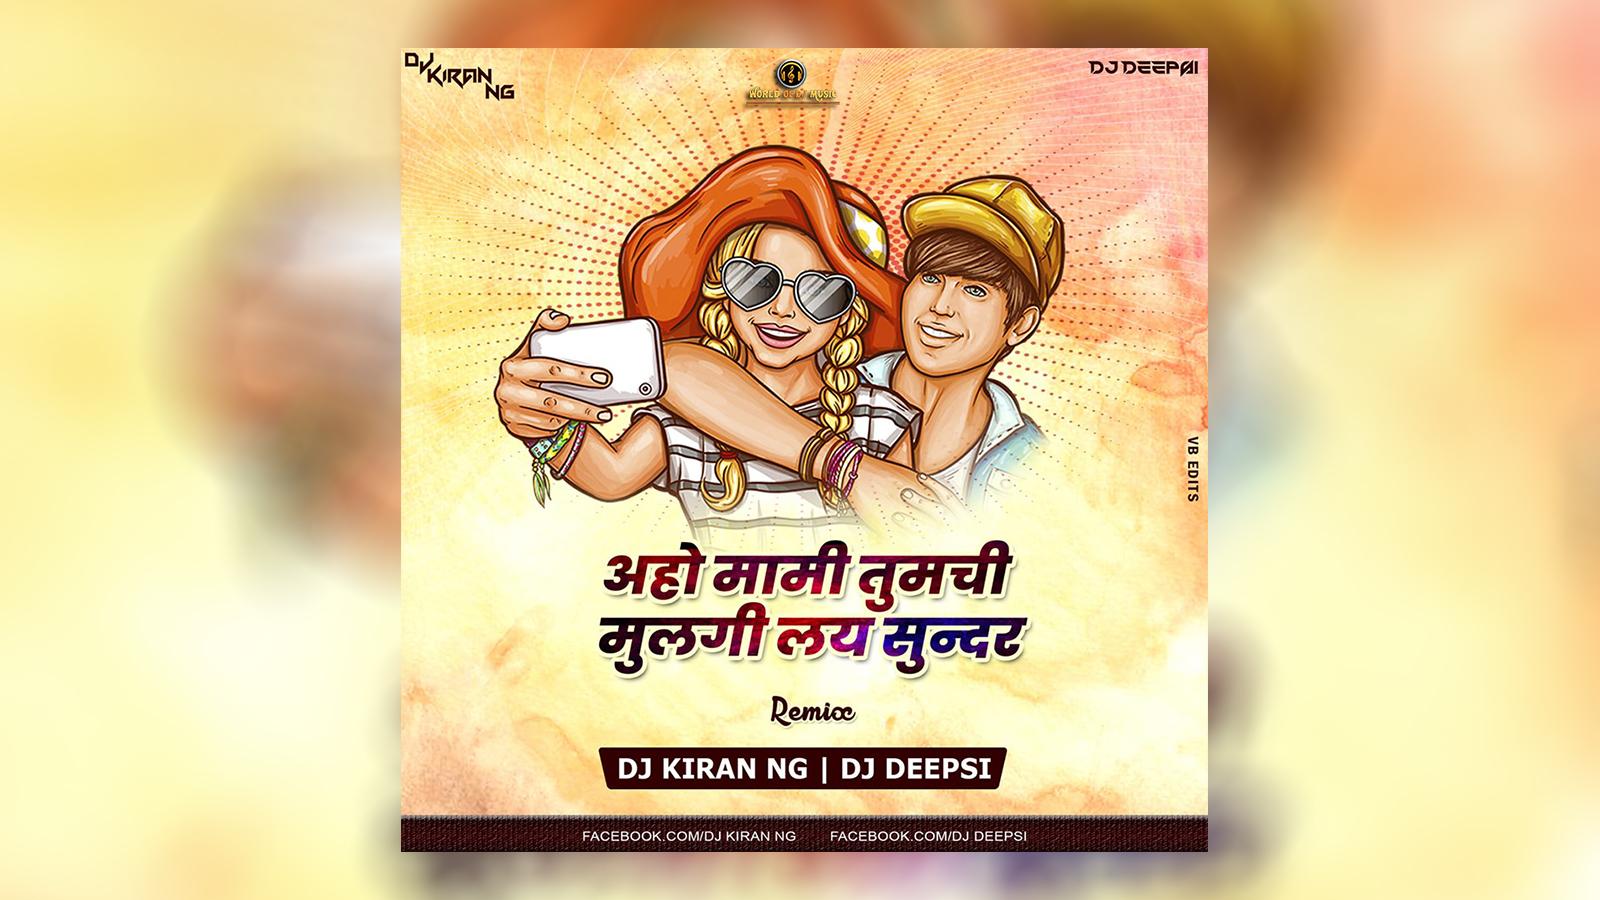 Aho Mami Tumchi Mulgi (Remix) - Dj Kiran (NG) & Dj Deepsi